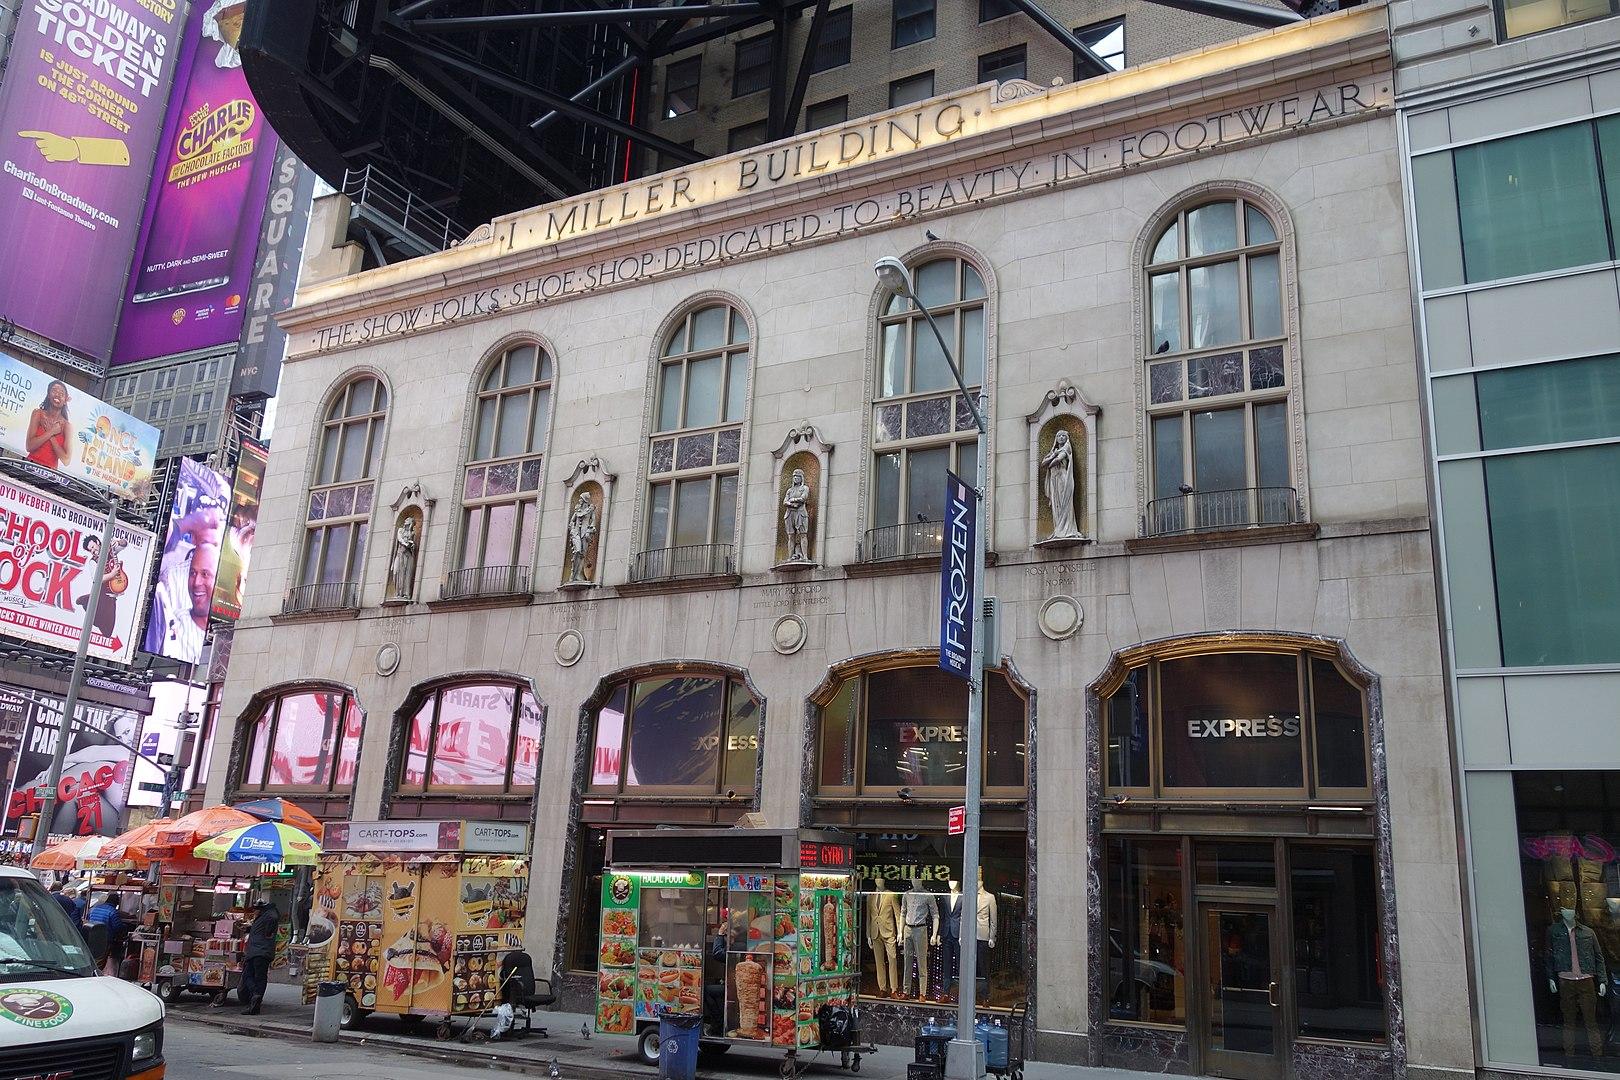 The I. Miller Building